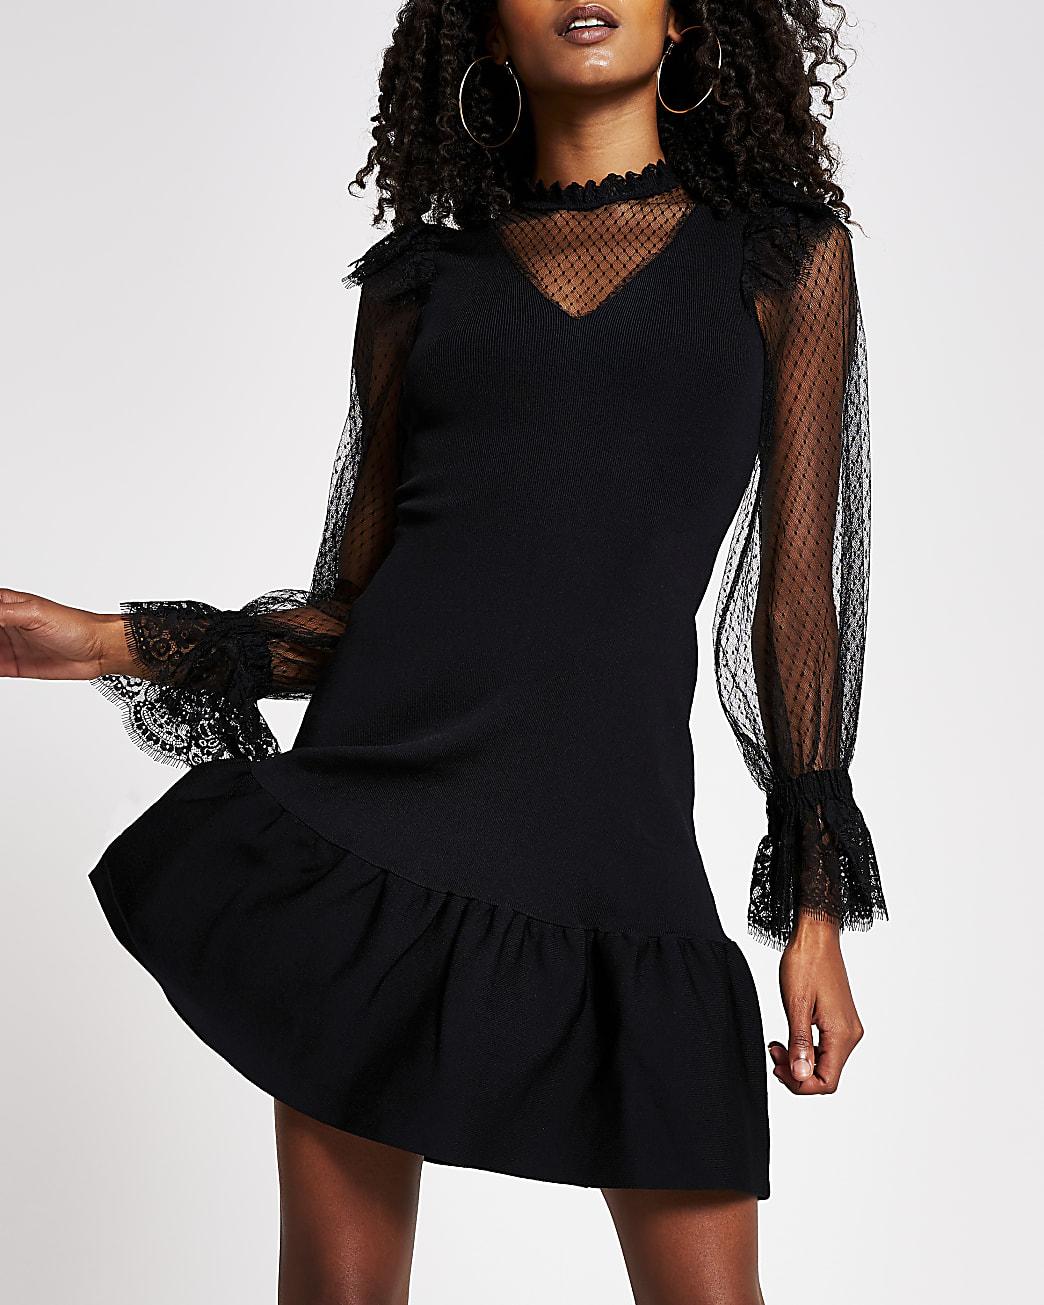 Black Sheer Long Sleeve Knitted dress